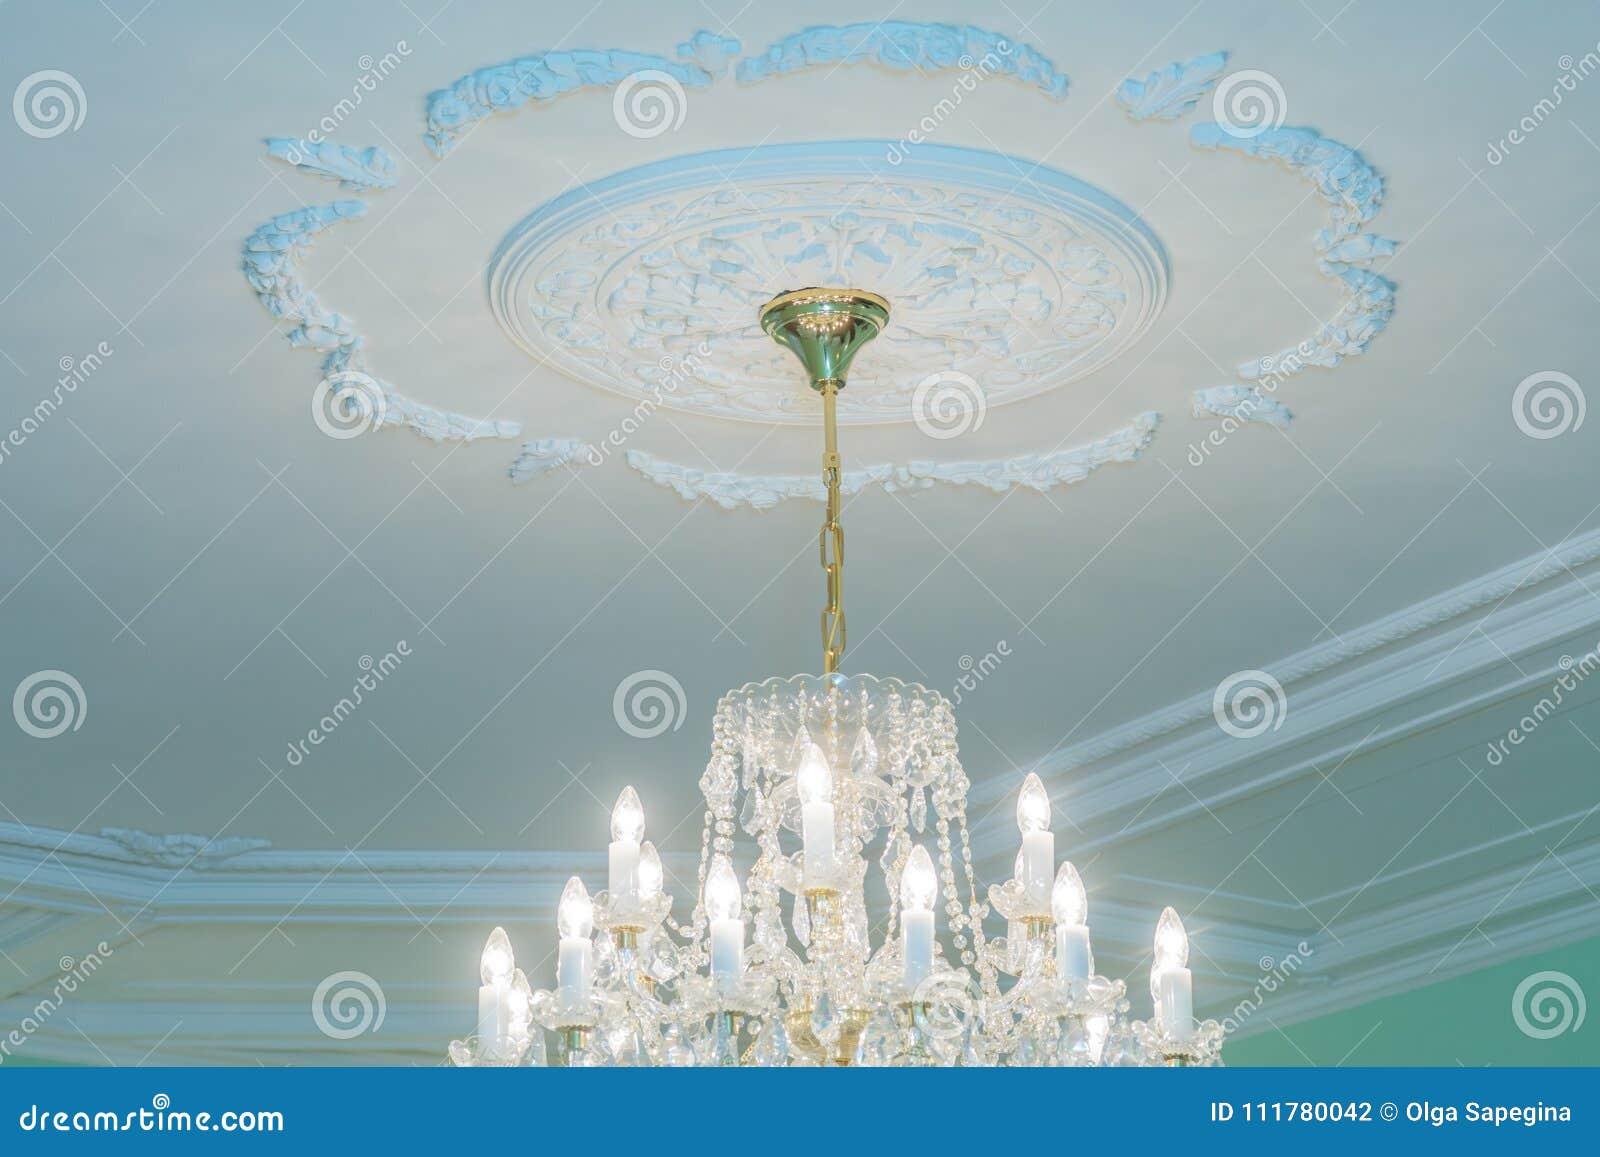 Huge chandelier closeup